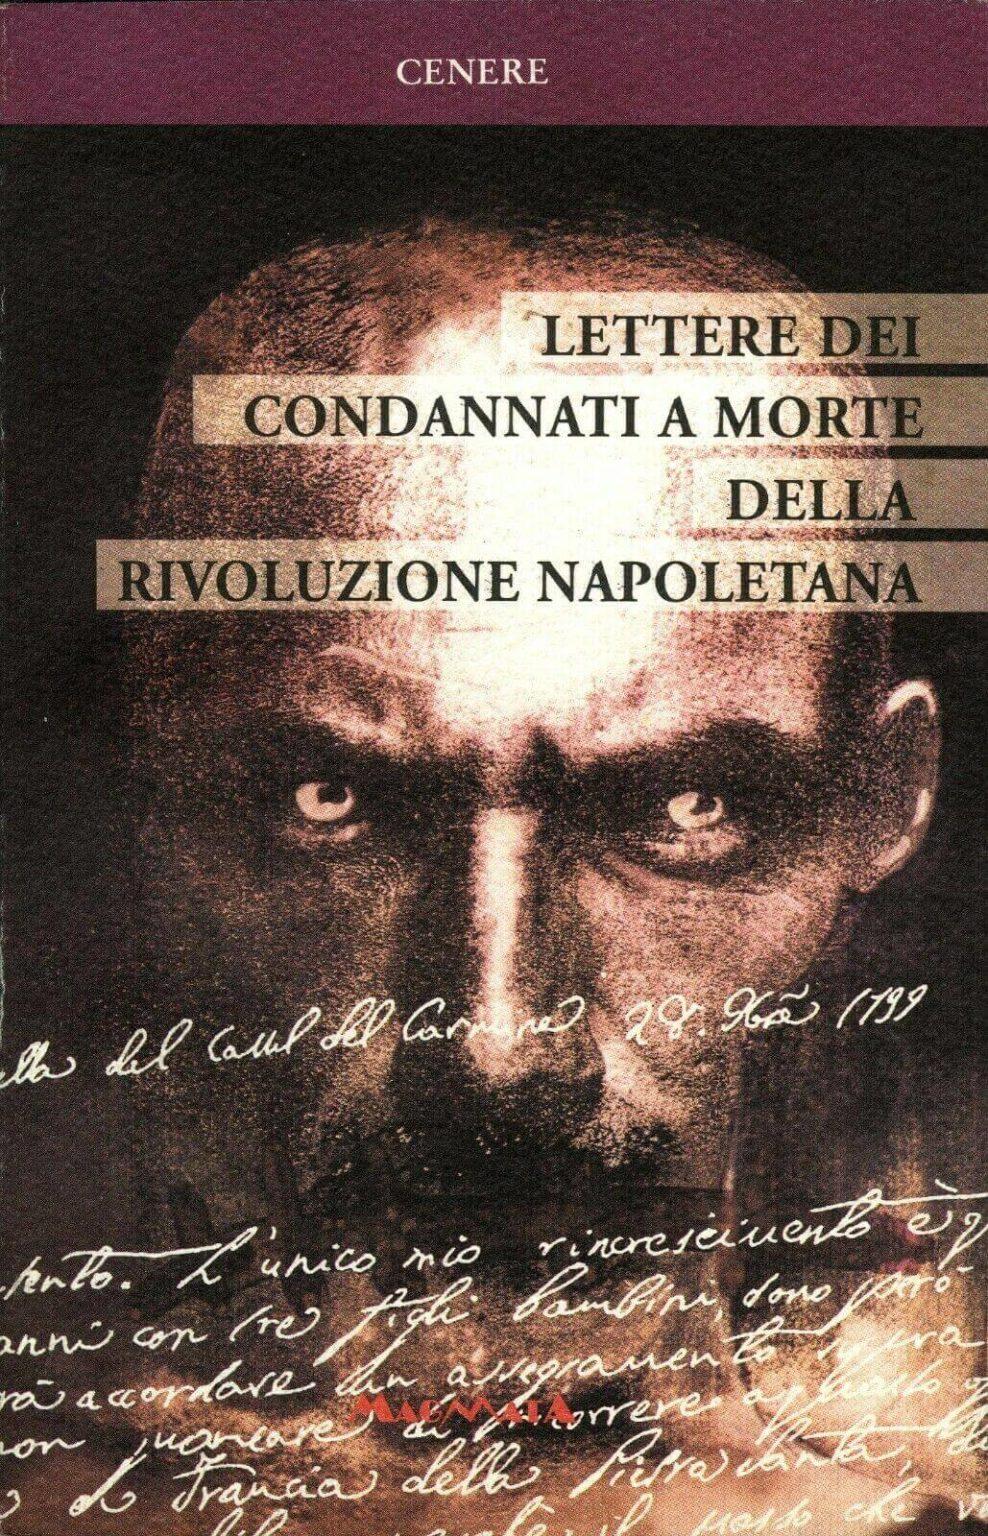 lettere dei condannati a morte della rivoluzione napoletana - edizioni magmata